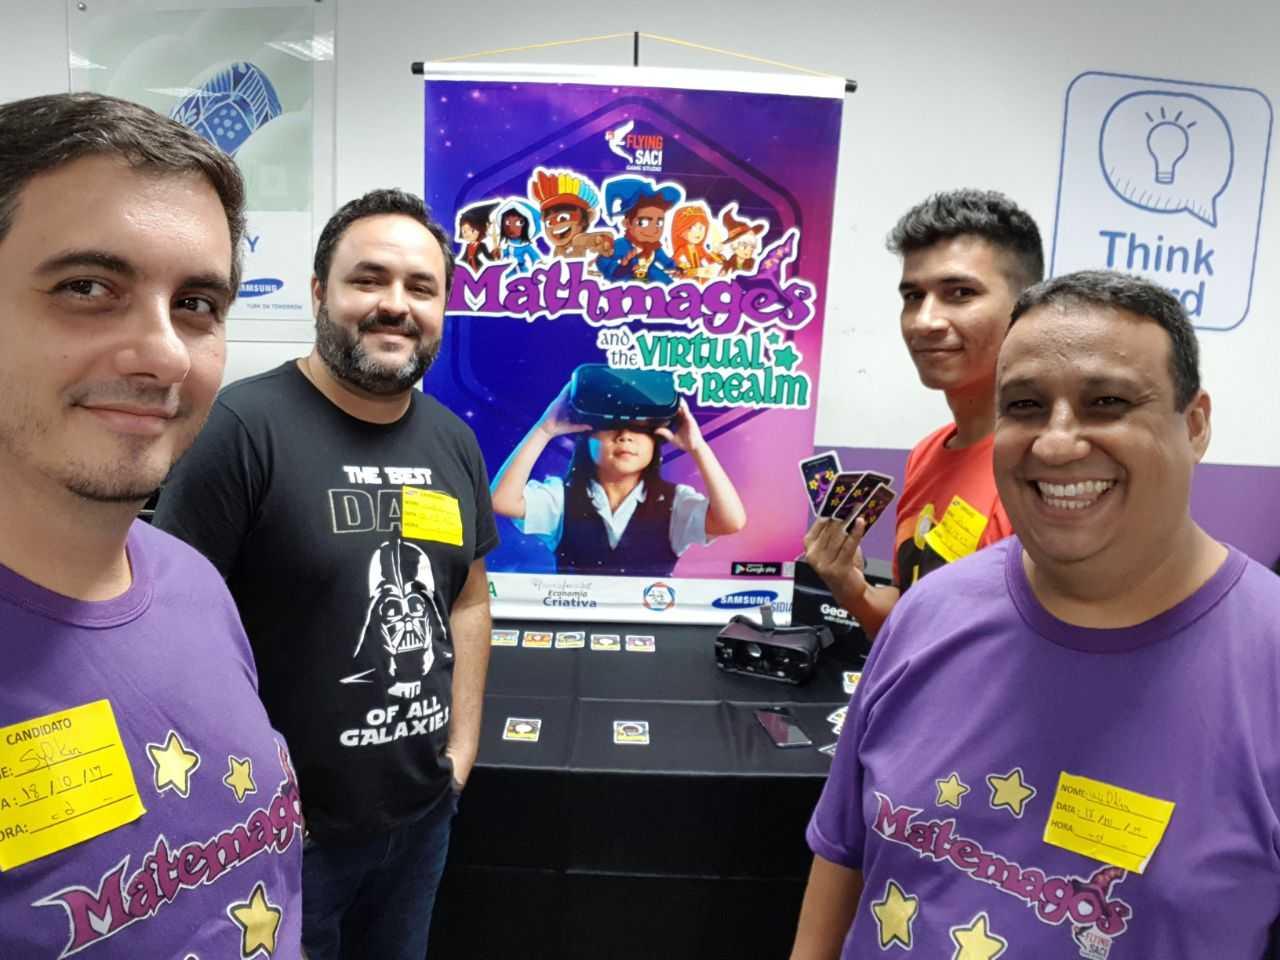 Startup amazonense de Games Educacionais 'Flying Saci' concorre como Startup do Ano / Divulgação